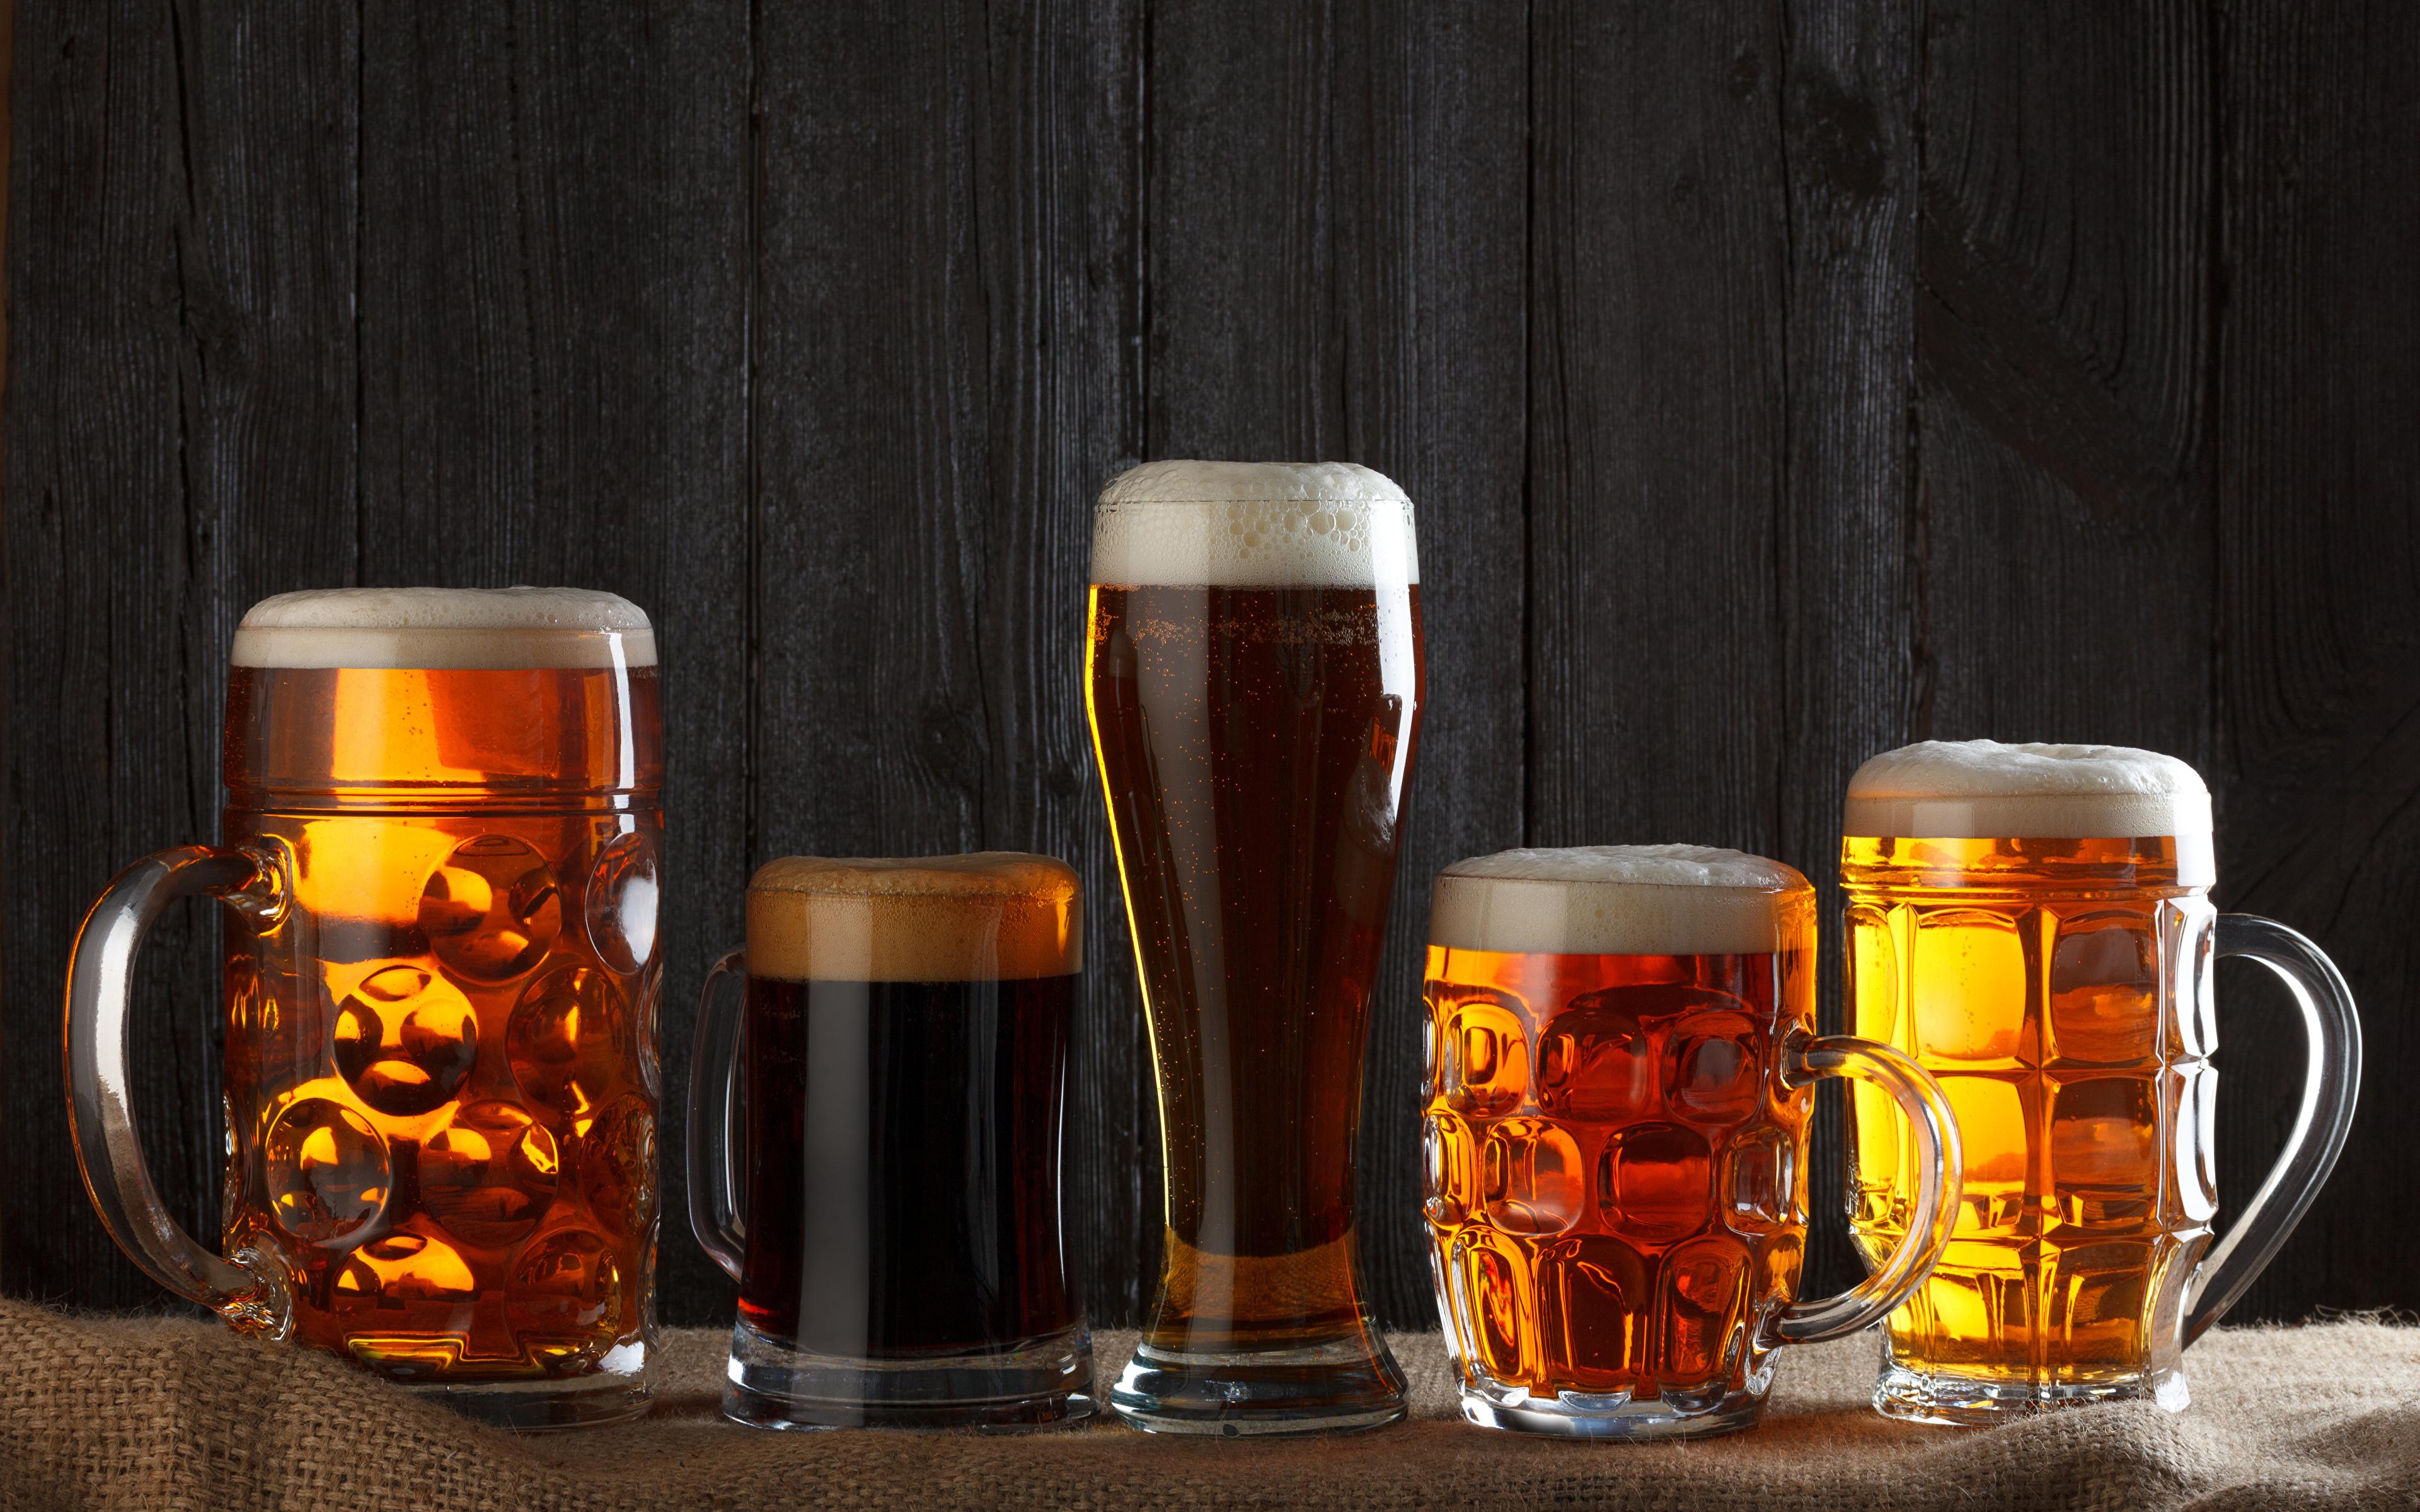 Beer_Mug_Highball_glass_520532_3840x2400